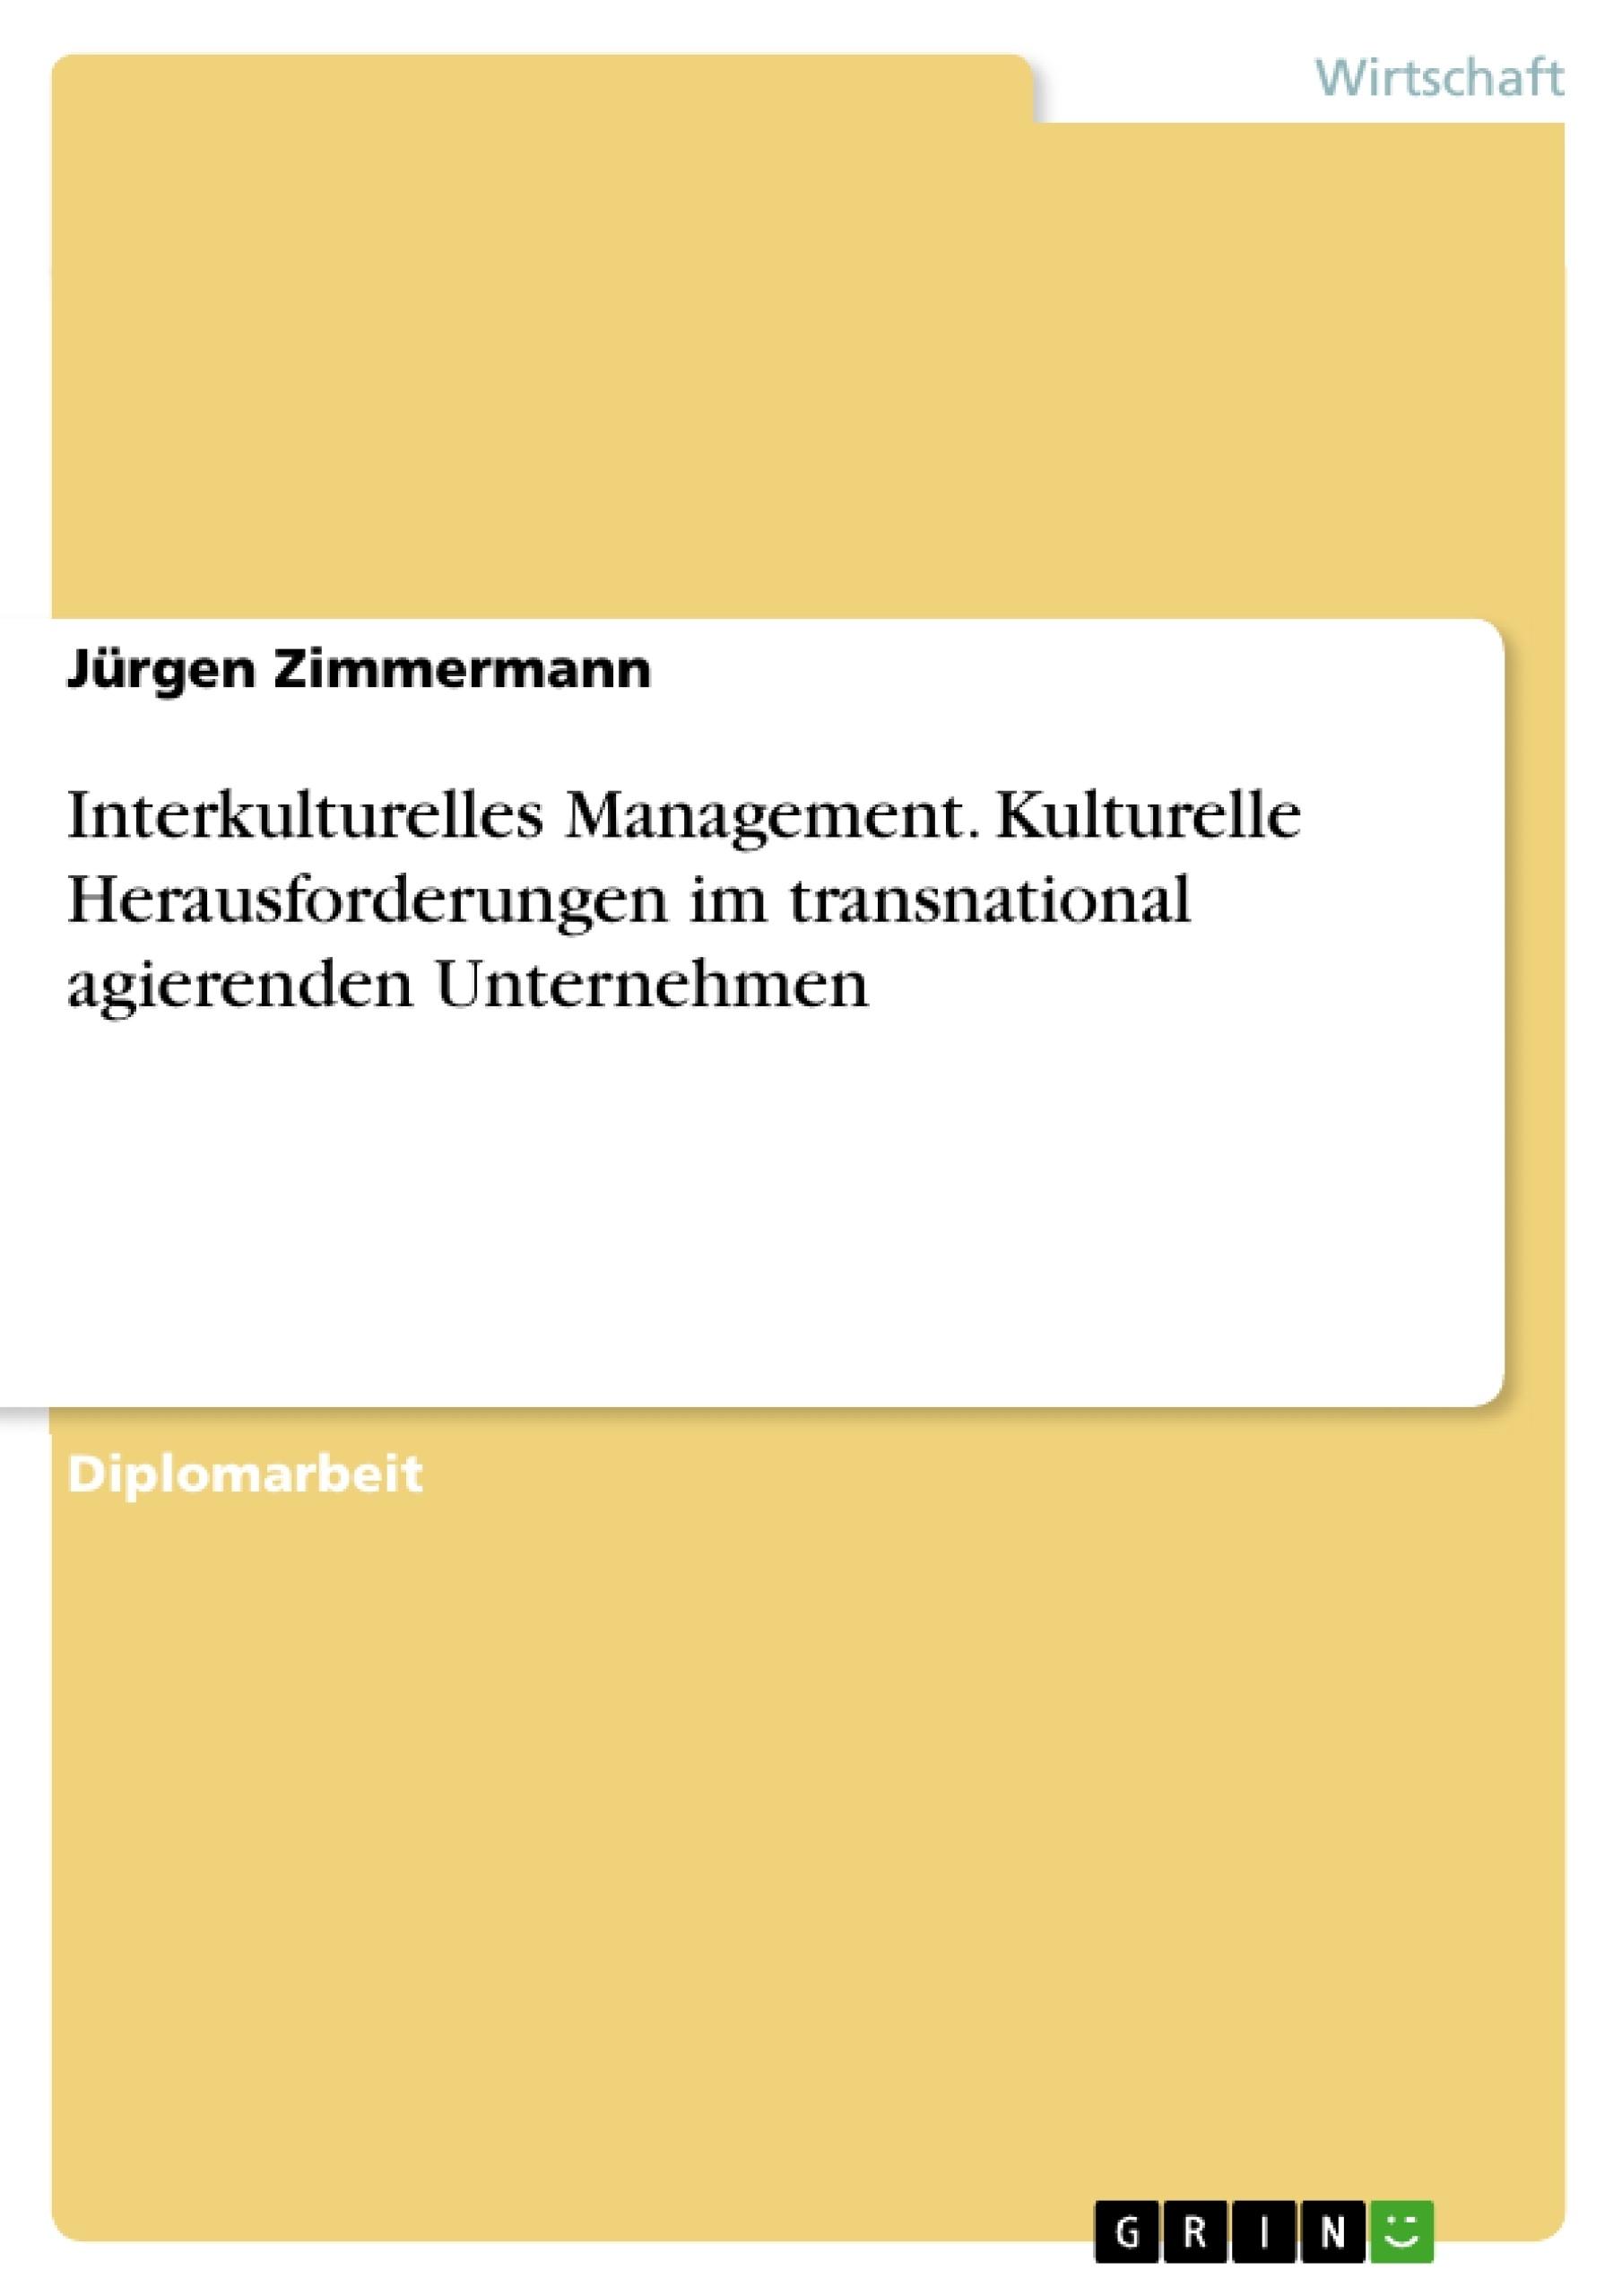 Titel: Interkulturelles Management. Kulturelle Herausforderungen im transnational agierenden Unternehmen